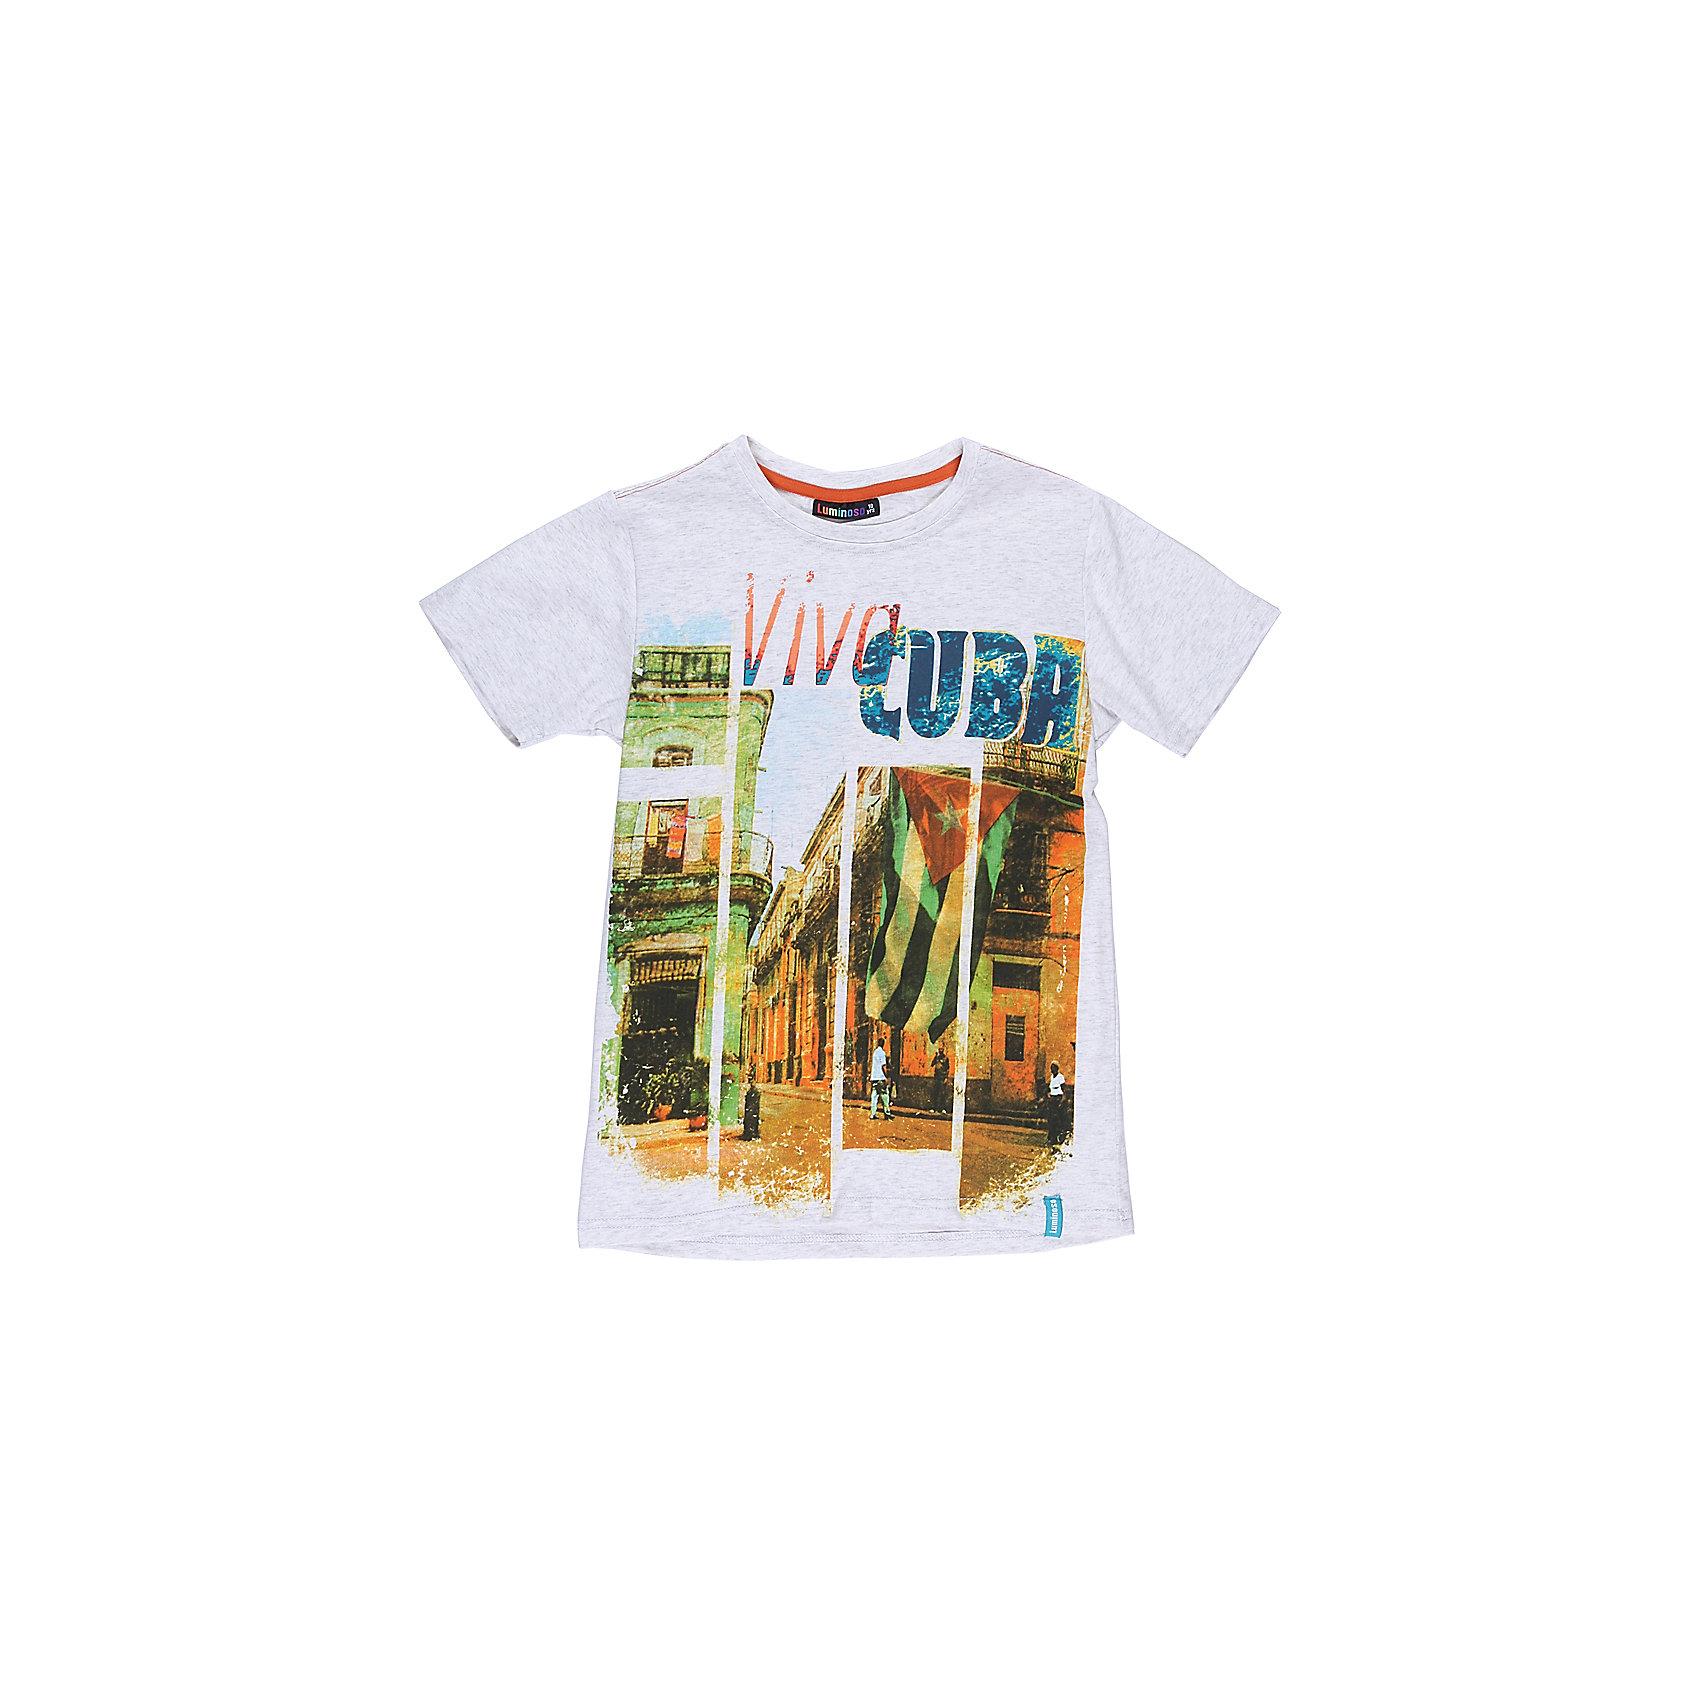 Футболка для мальчика LuminosoСтильная футболка из трикотажной ткани для мальчика с коротким рукавом. Декорирована ярким принтом<br>Состав:<br>95%хлопок 5%эластан<br><br>Ширина мм: 199<br>Глубина мм: 10<br>Высота мм: 161<br>Вес г: 151<br>Цвет: белый<br>Возраст от месяцев: 96<br>Возраст до месяцев: 108<br>Пол: Мужской<br>Возраст: Детский<br>Размер: 134,140,146,152,158,164<br>SKU: 5409758